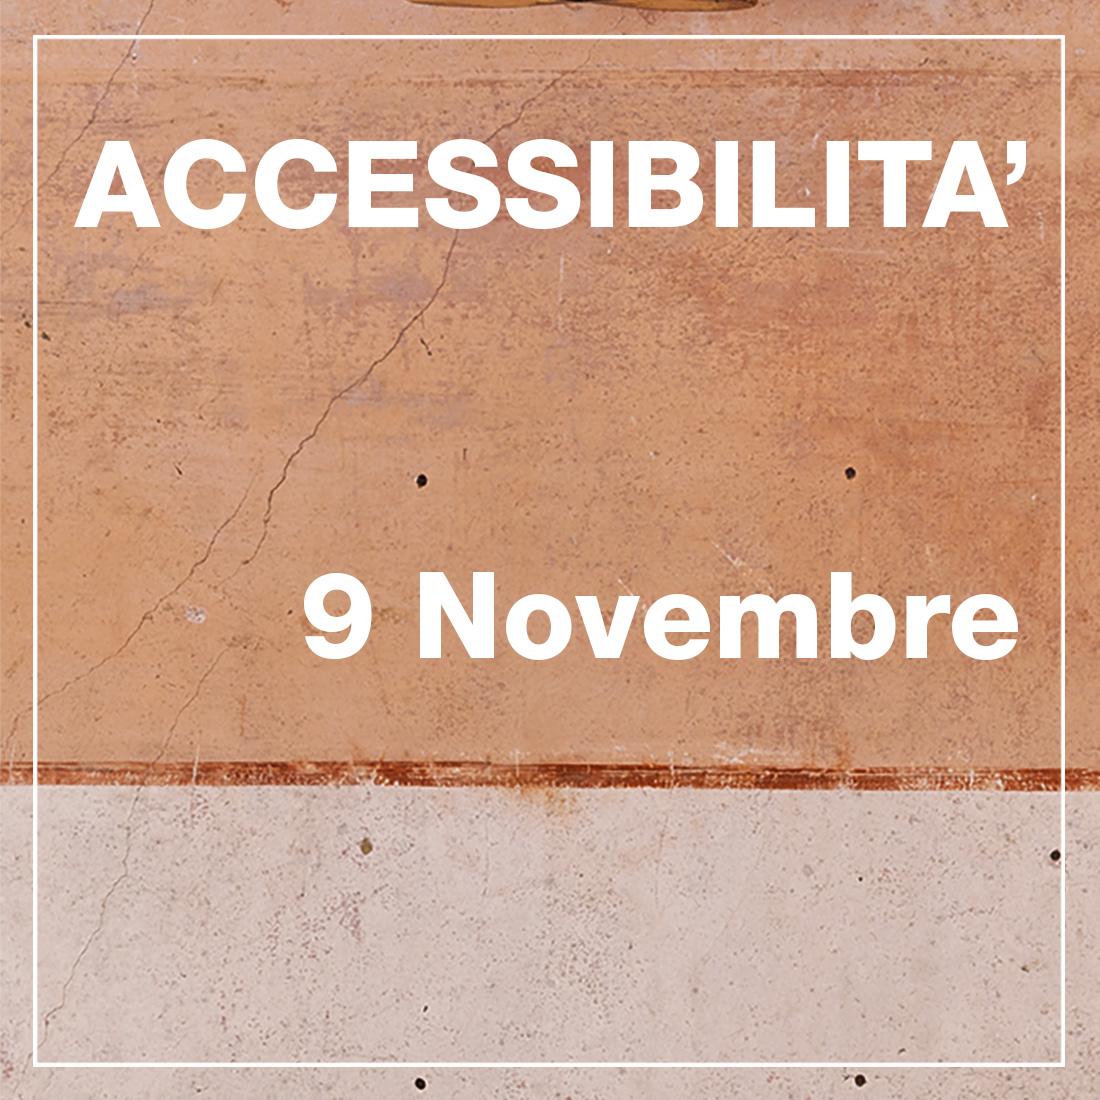 Accessibilità - 9 Novembre